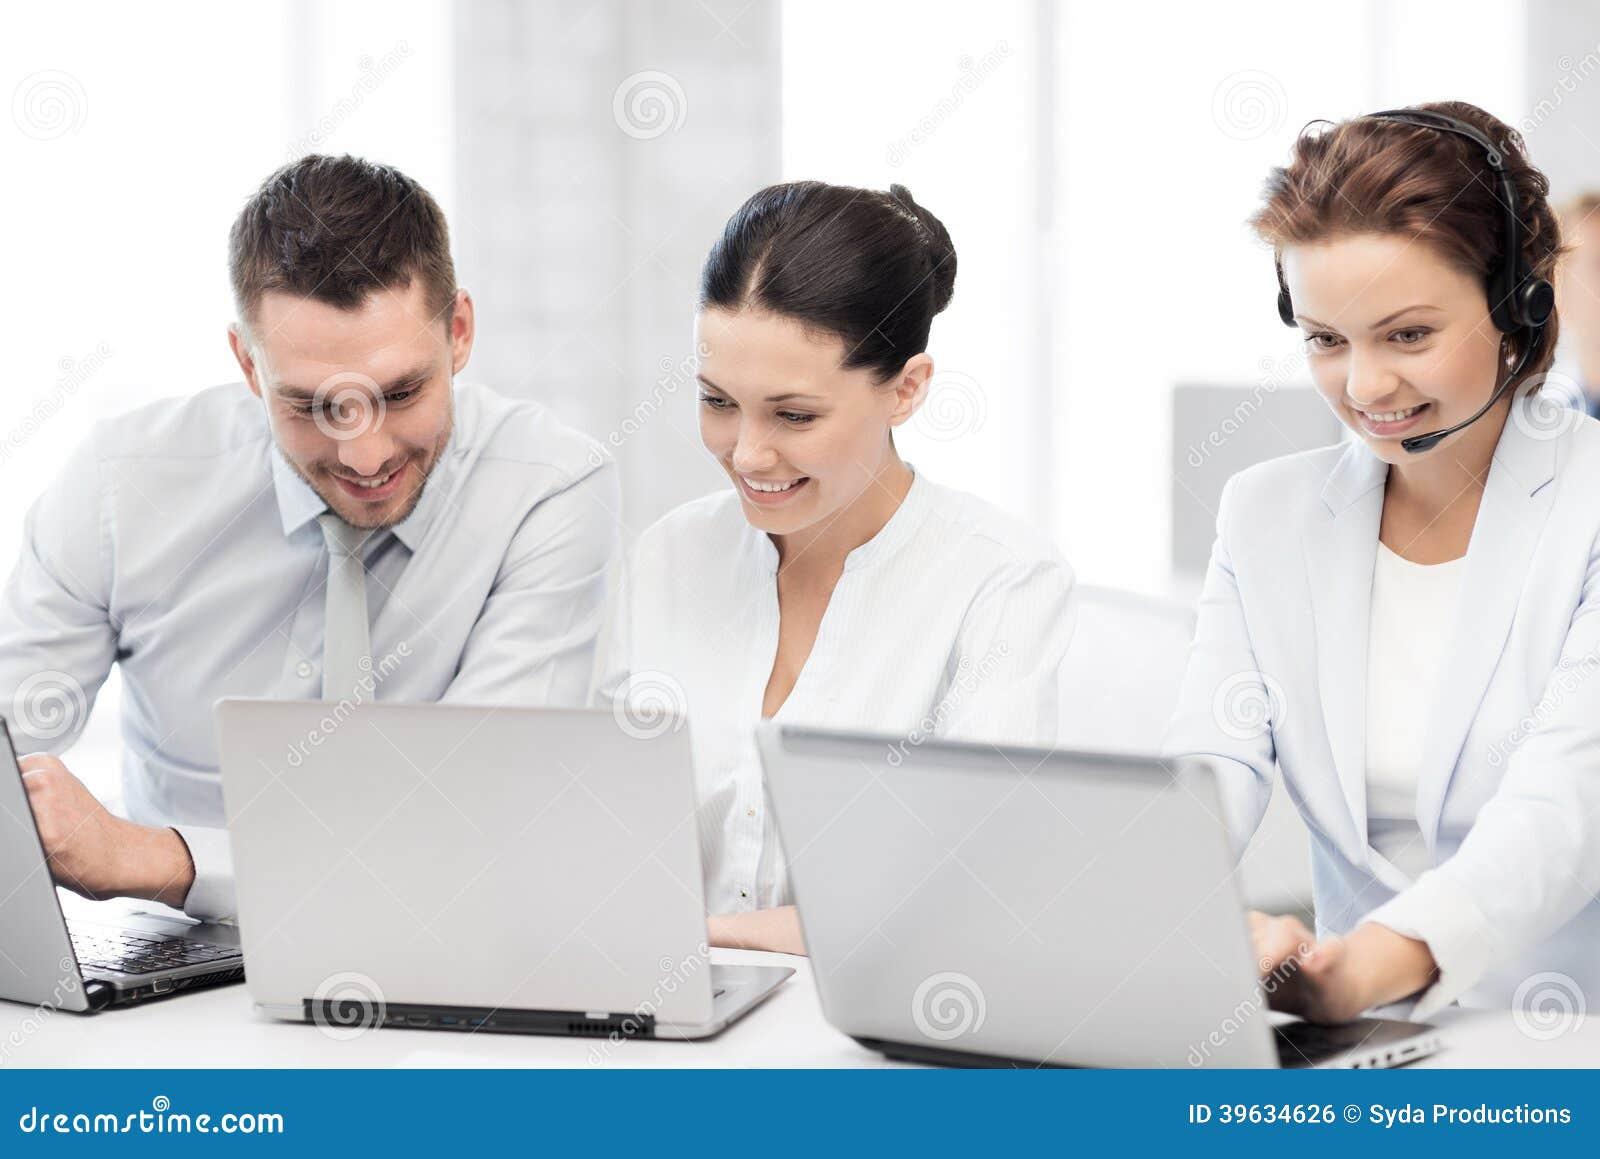 Gruppo di persone che lavorano con i computer portatili in ufficio